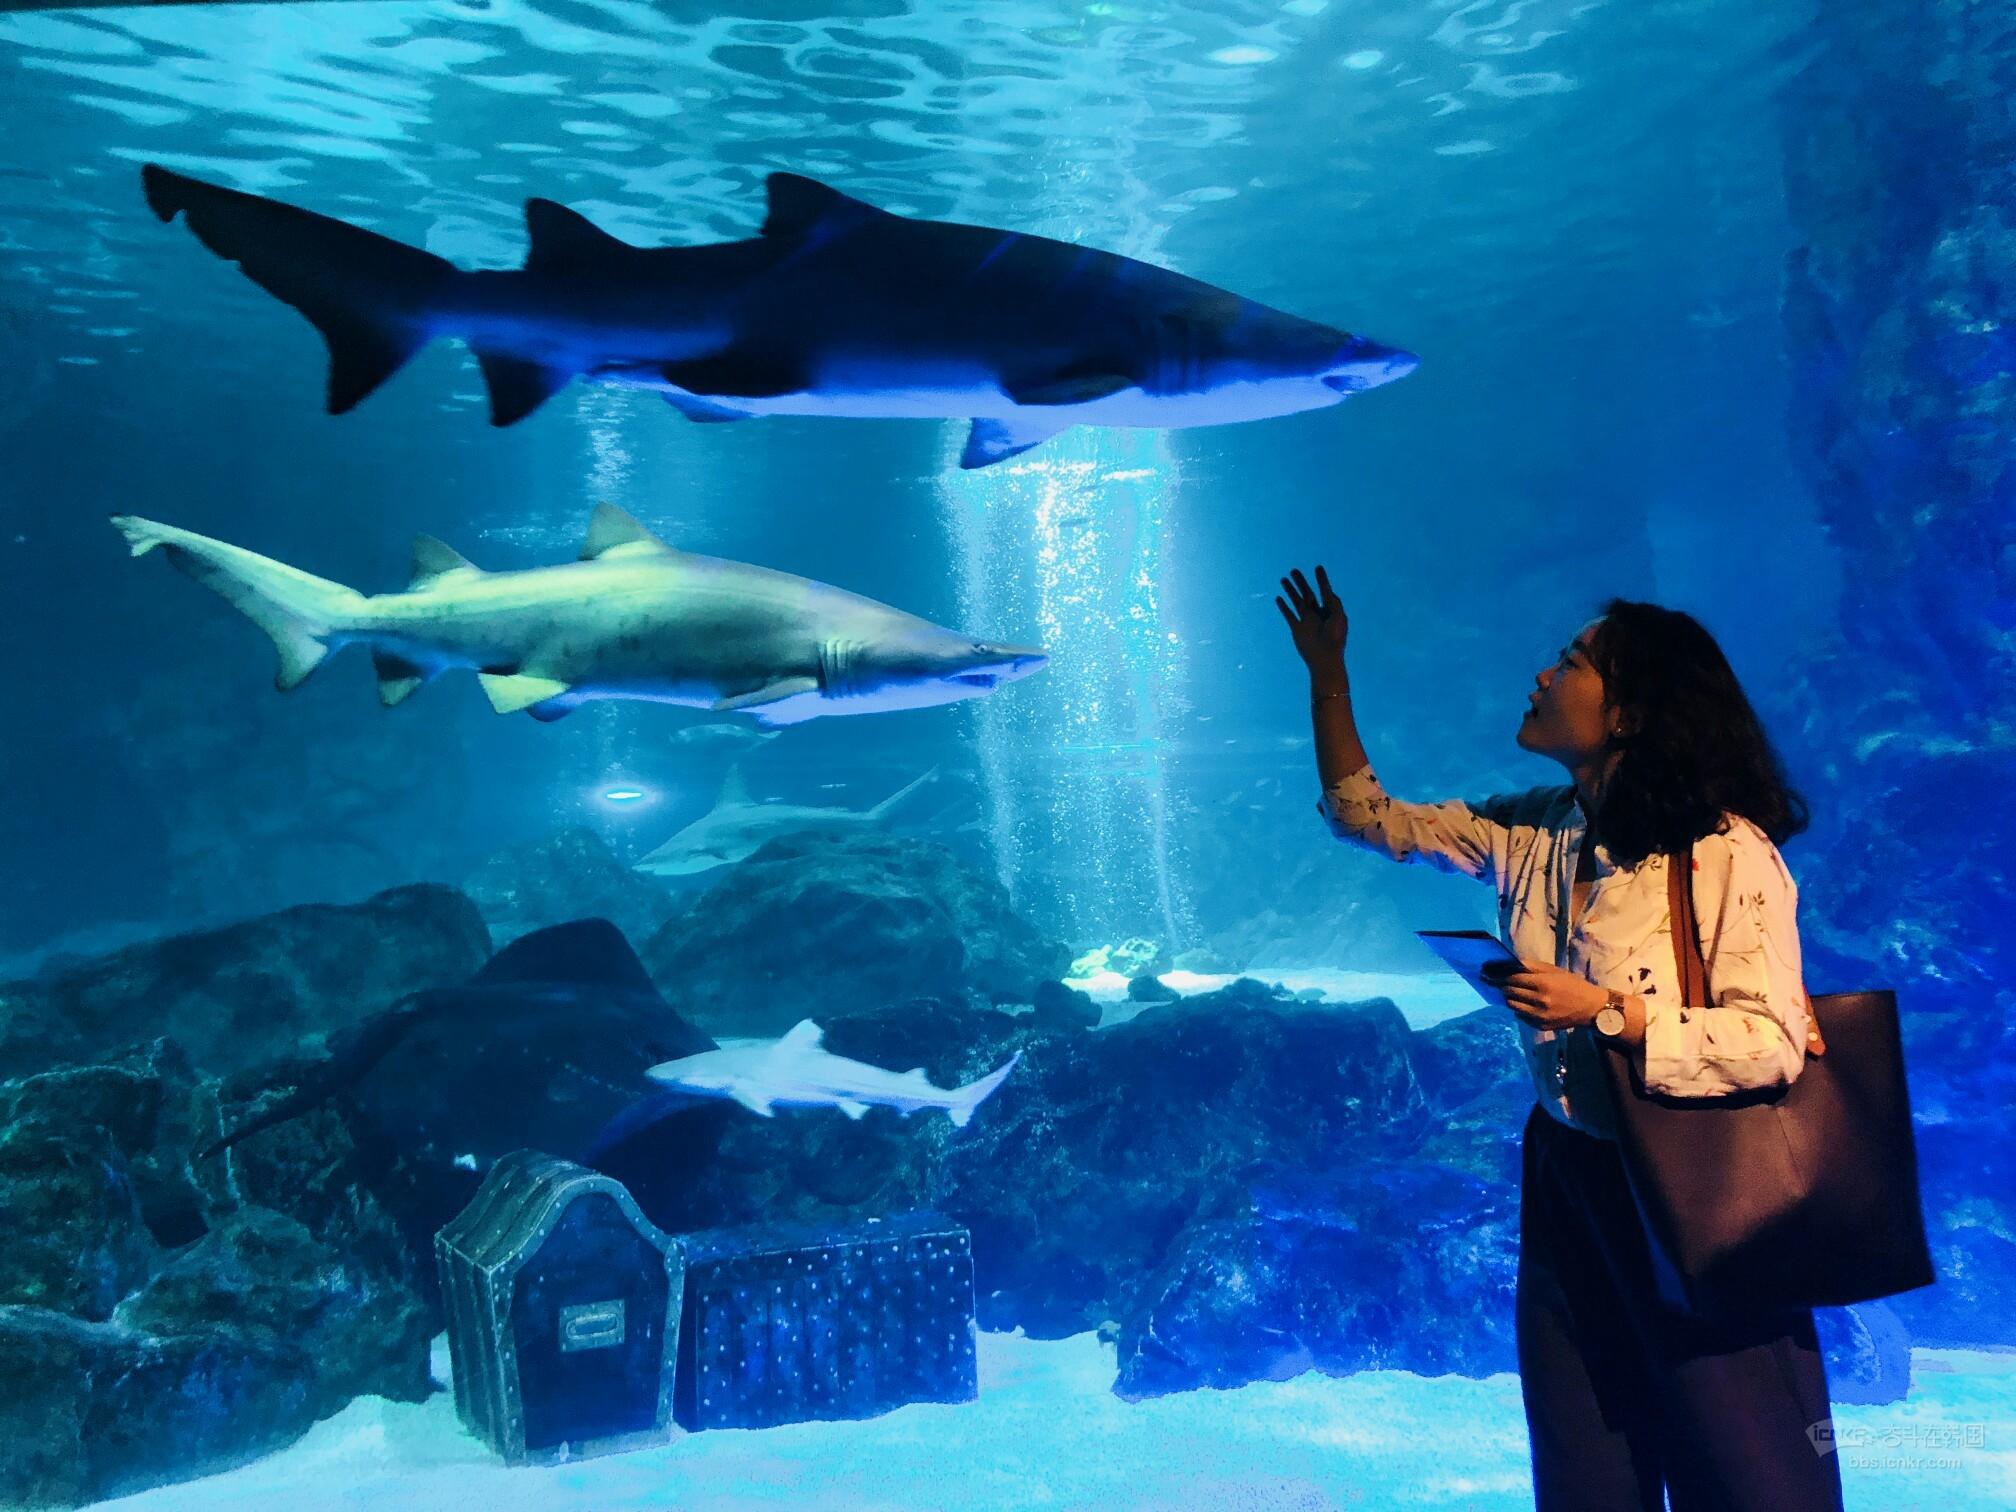 壁纸 海底 海底世界 海洋馆 水族馆 2016_1512